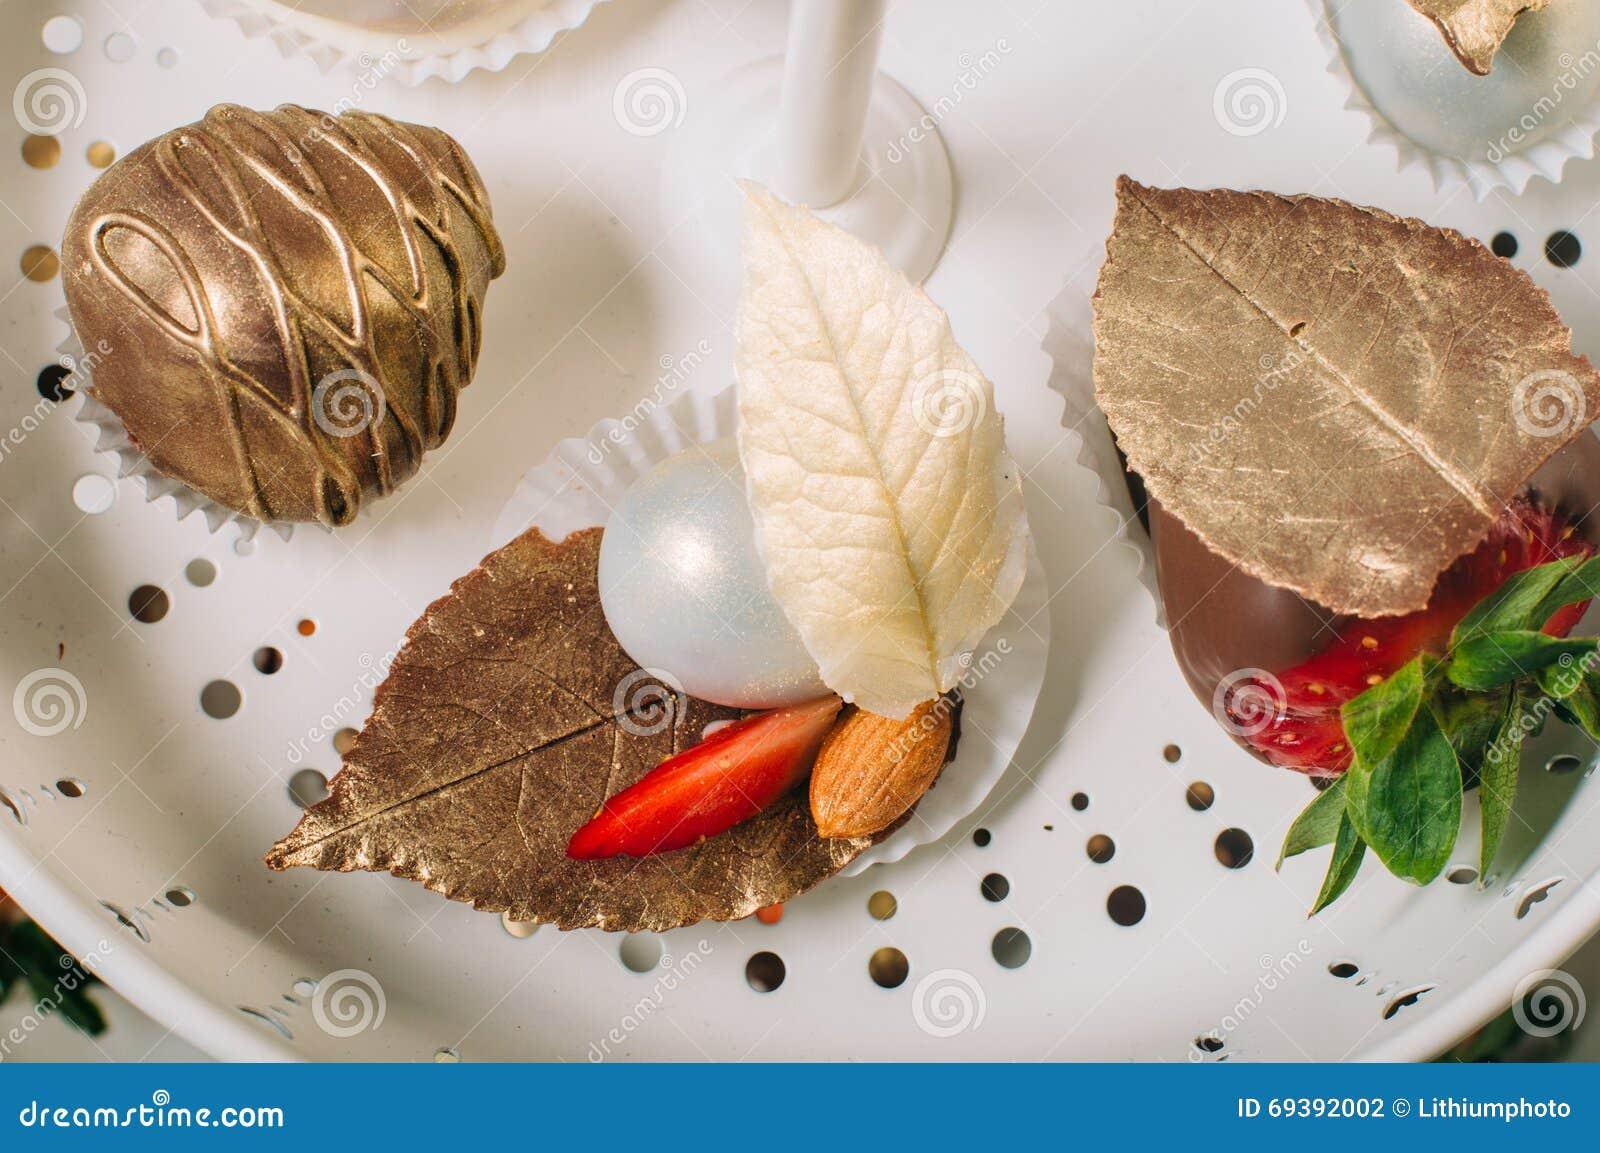 Ungewöhnlich Krone Süßigkeiten Küche St Louis Mo Bilder - Küche Set ...